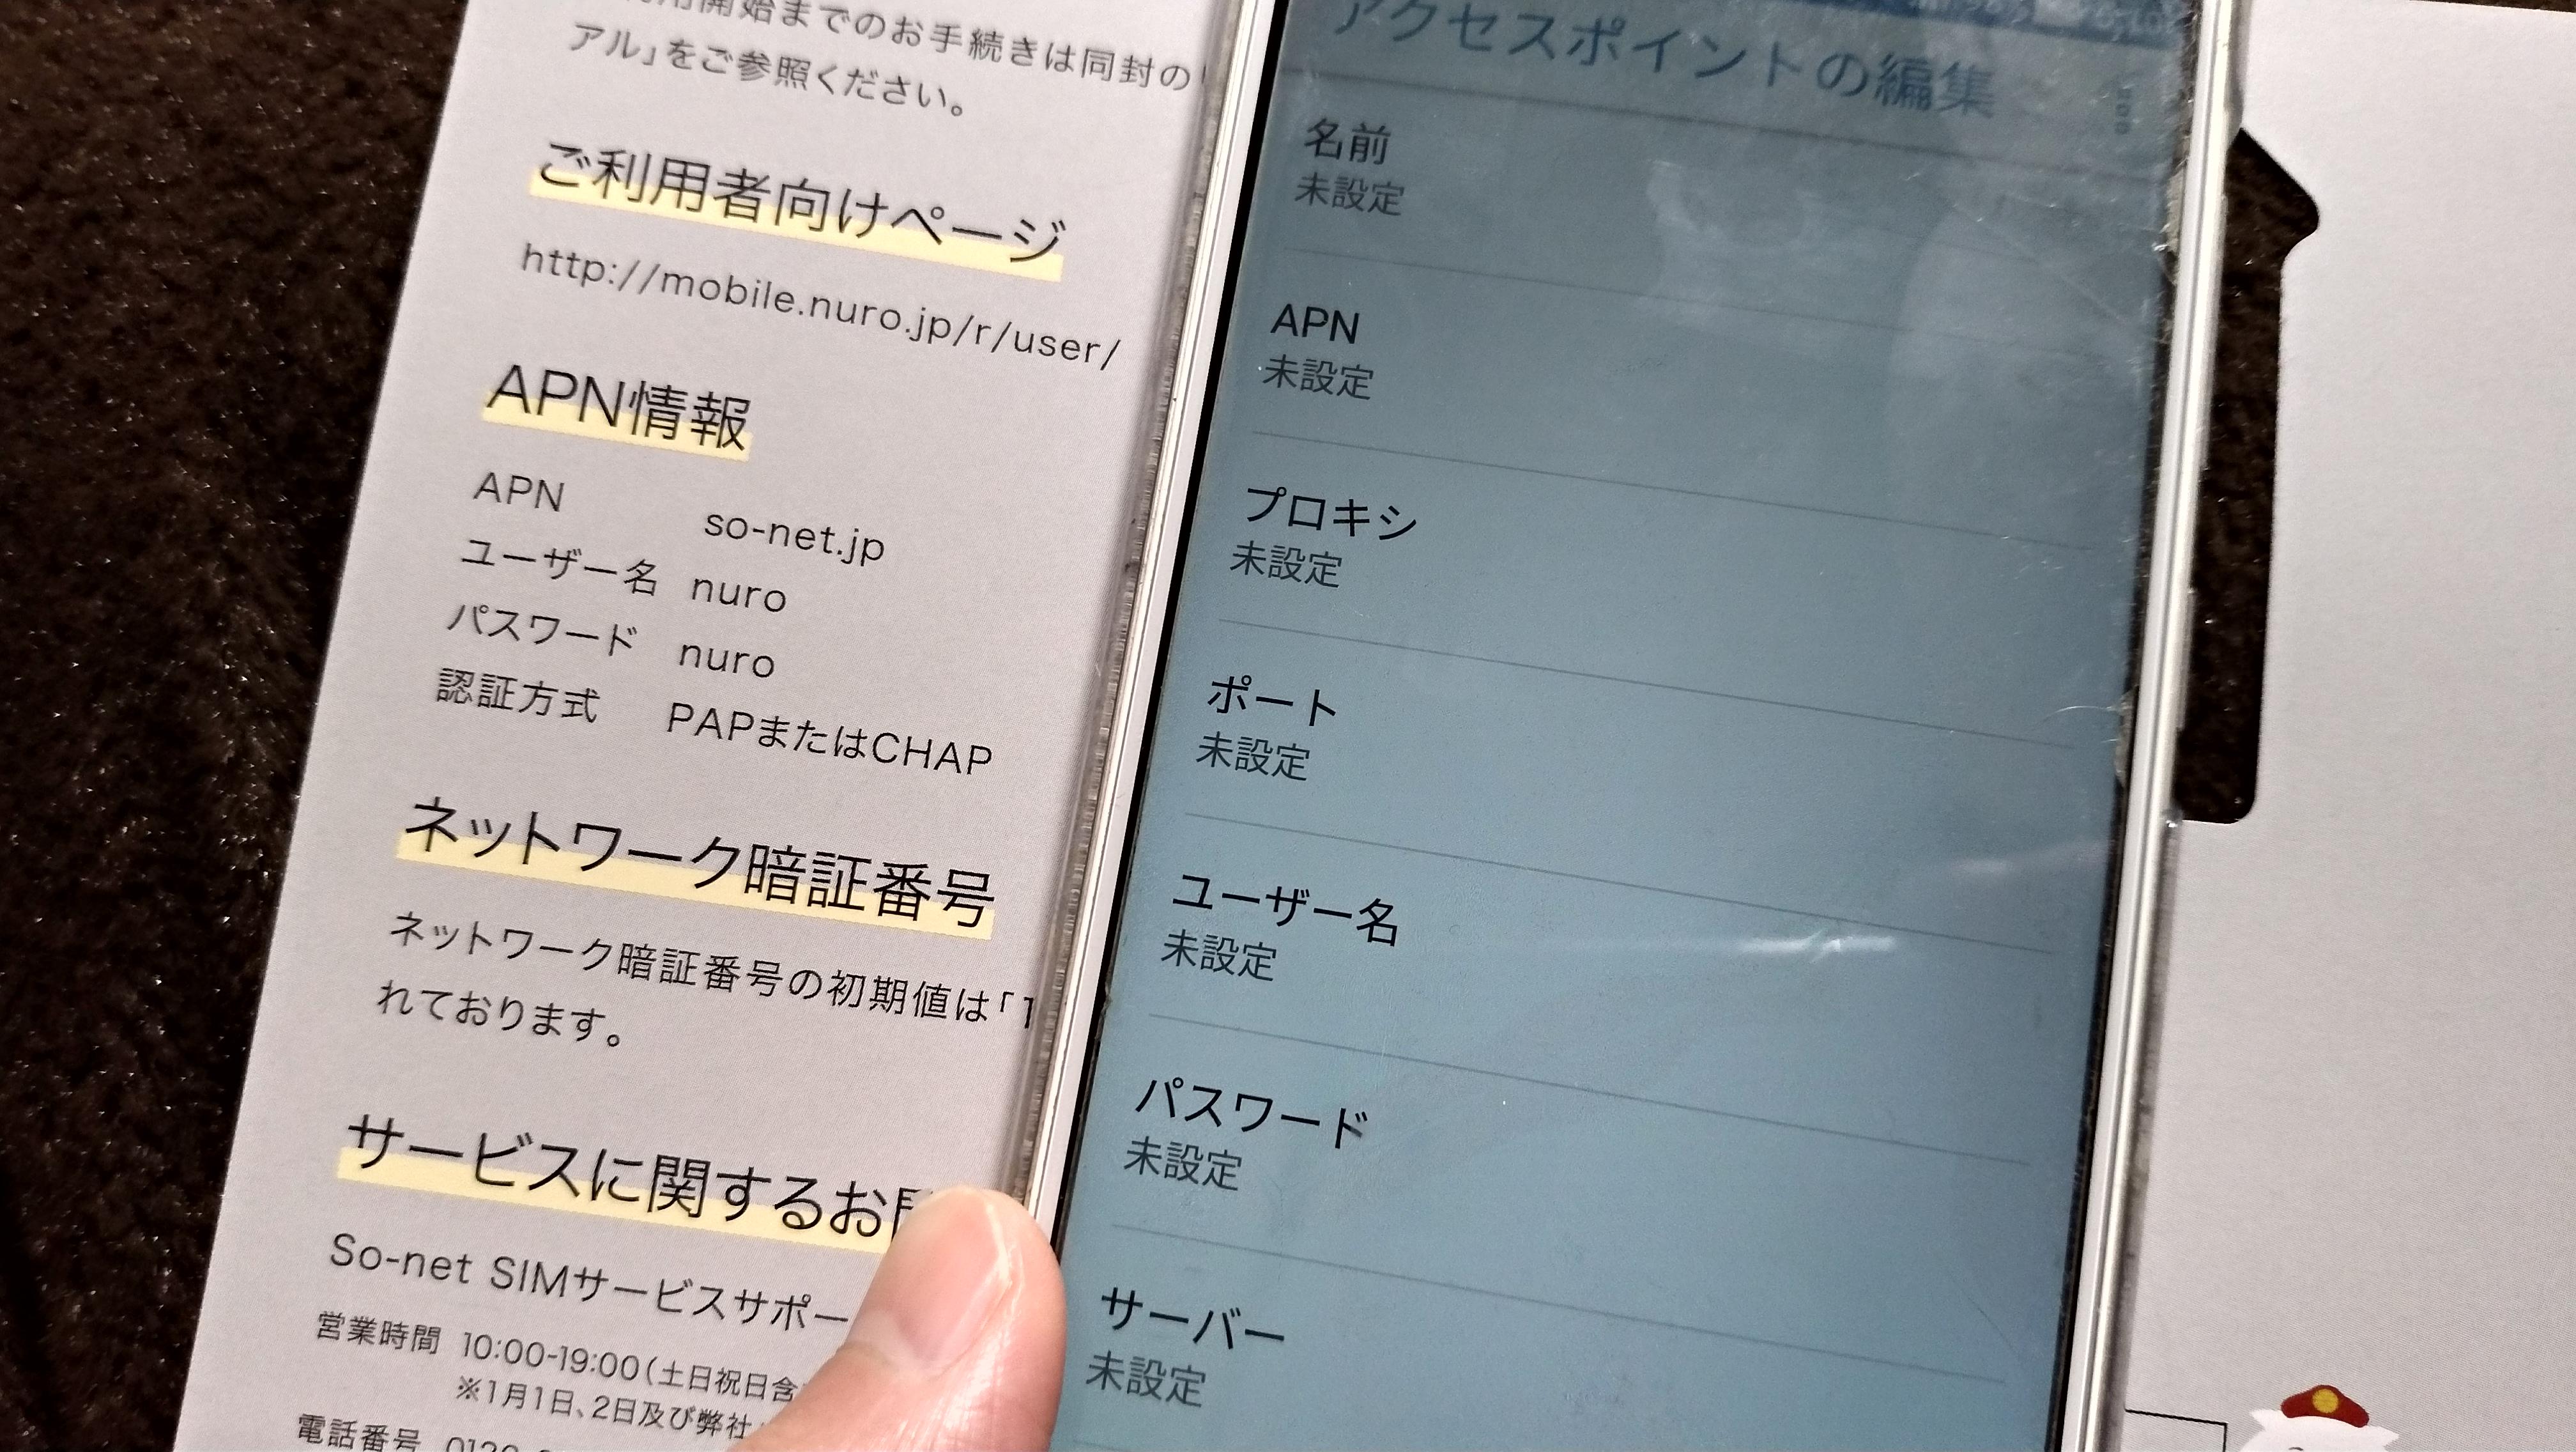 ニューロモバイル androidのAPN設定